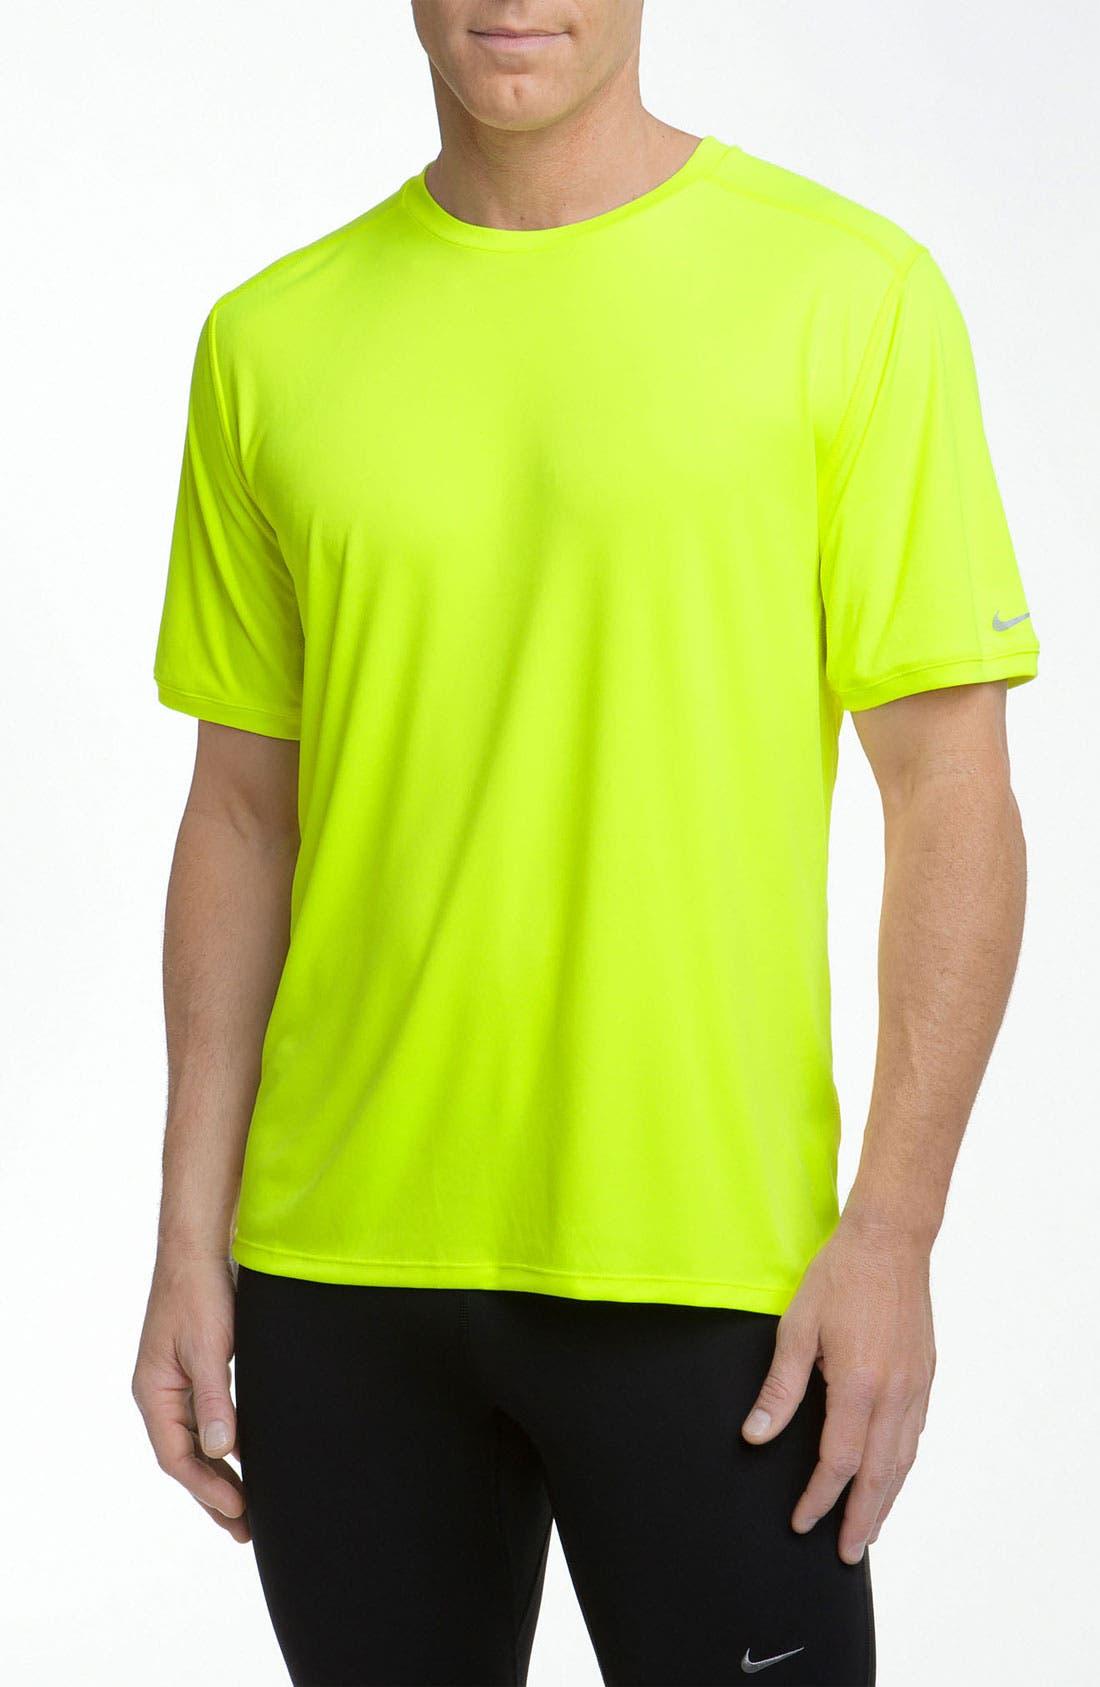 Alternate Image 1 Selected - Nike 'Relay' Dri-FIT T-Shirt